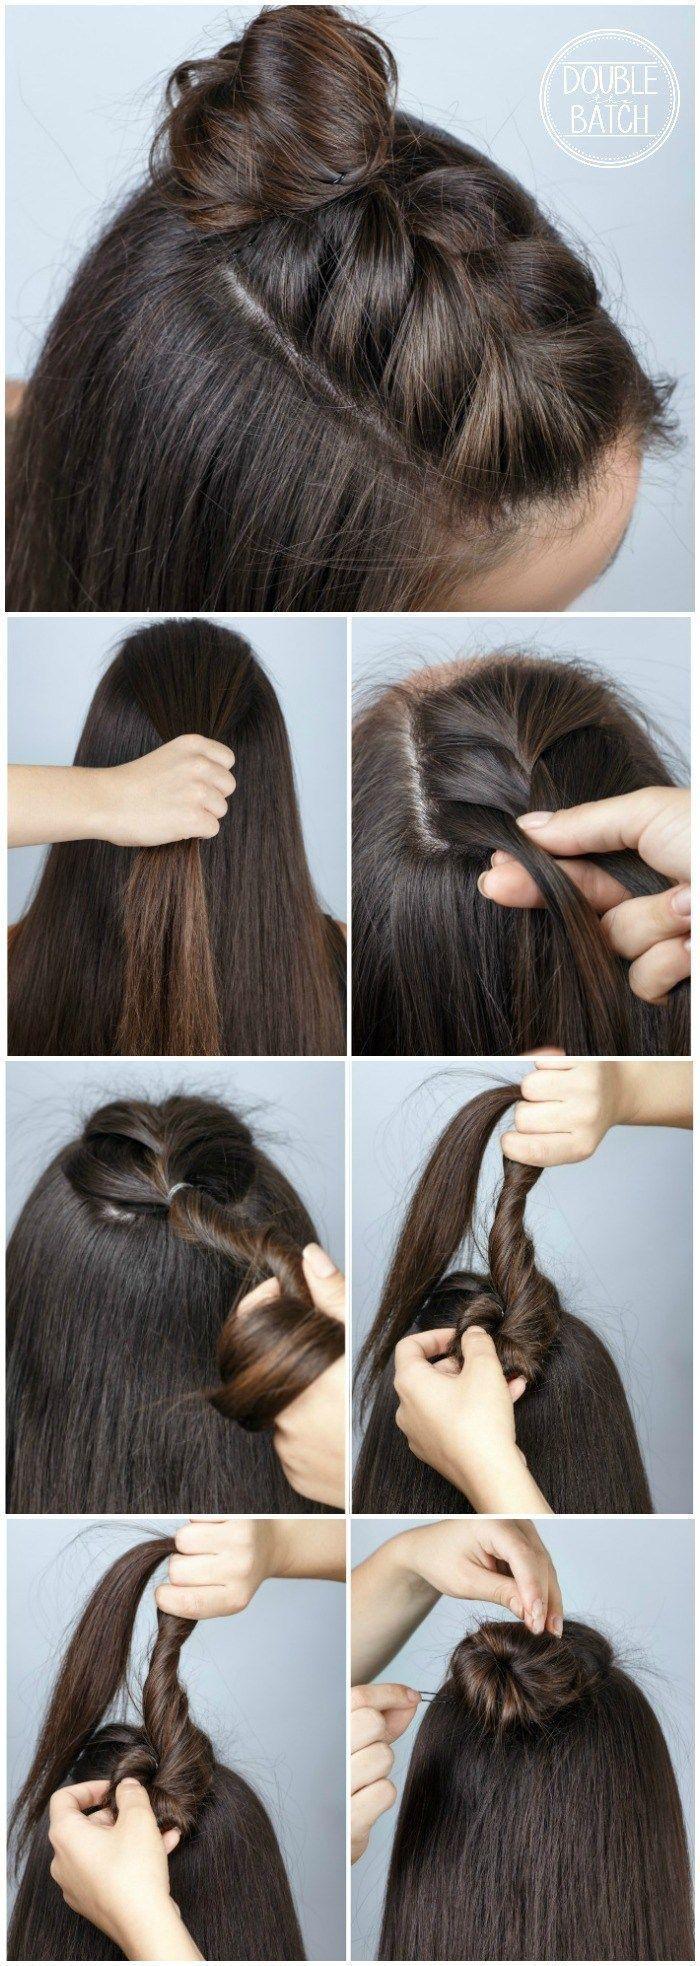 Easy hair ideas for school braid bun easy school hairdos